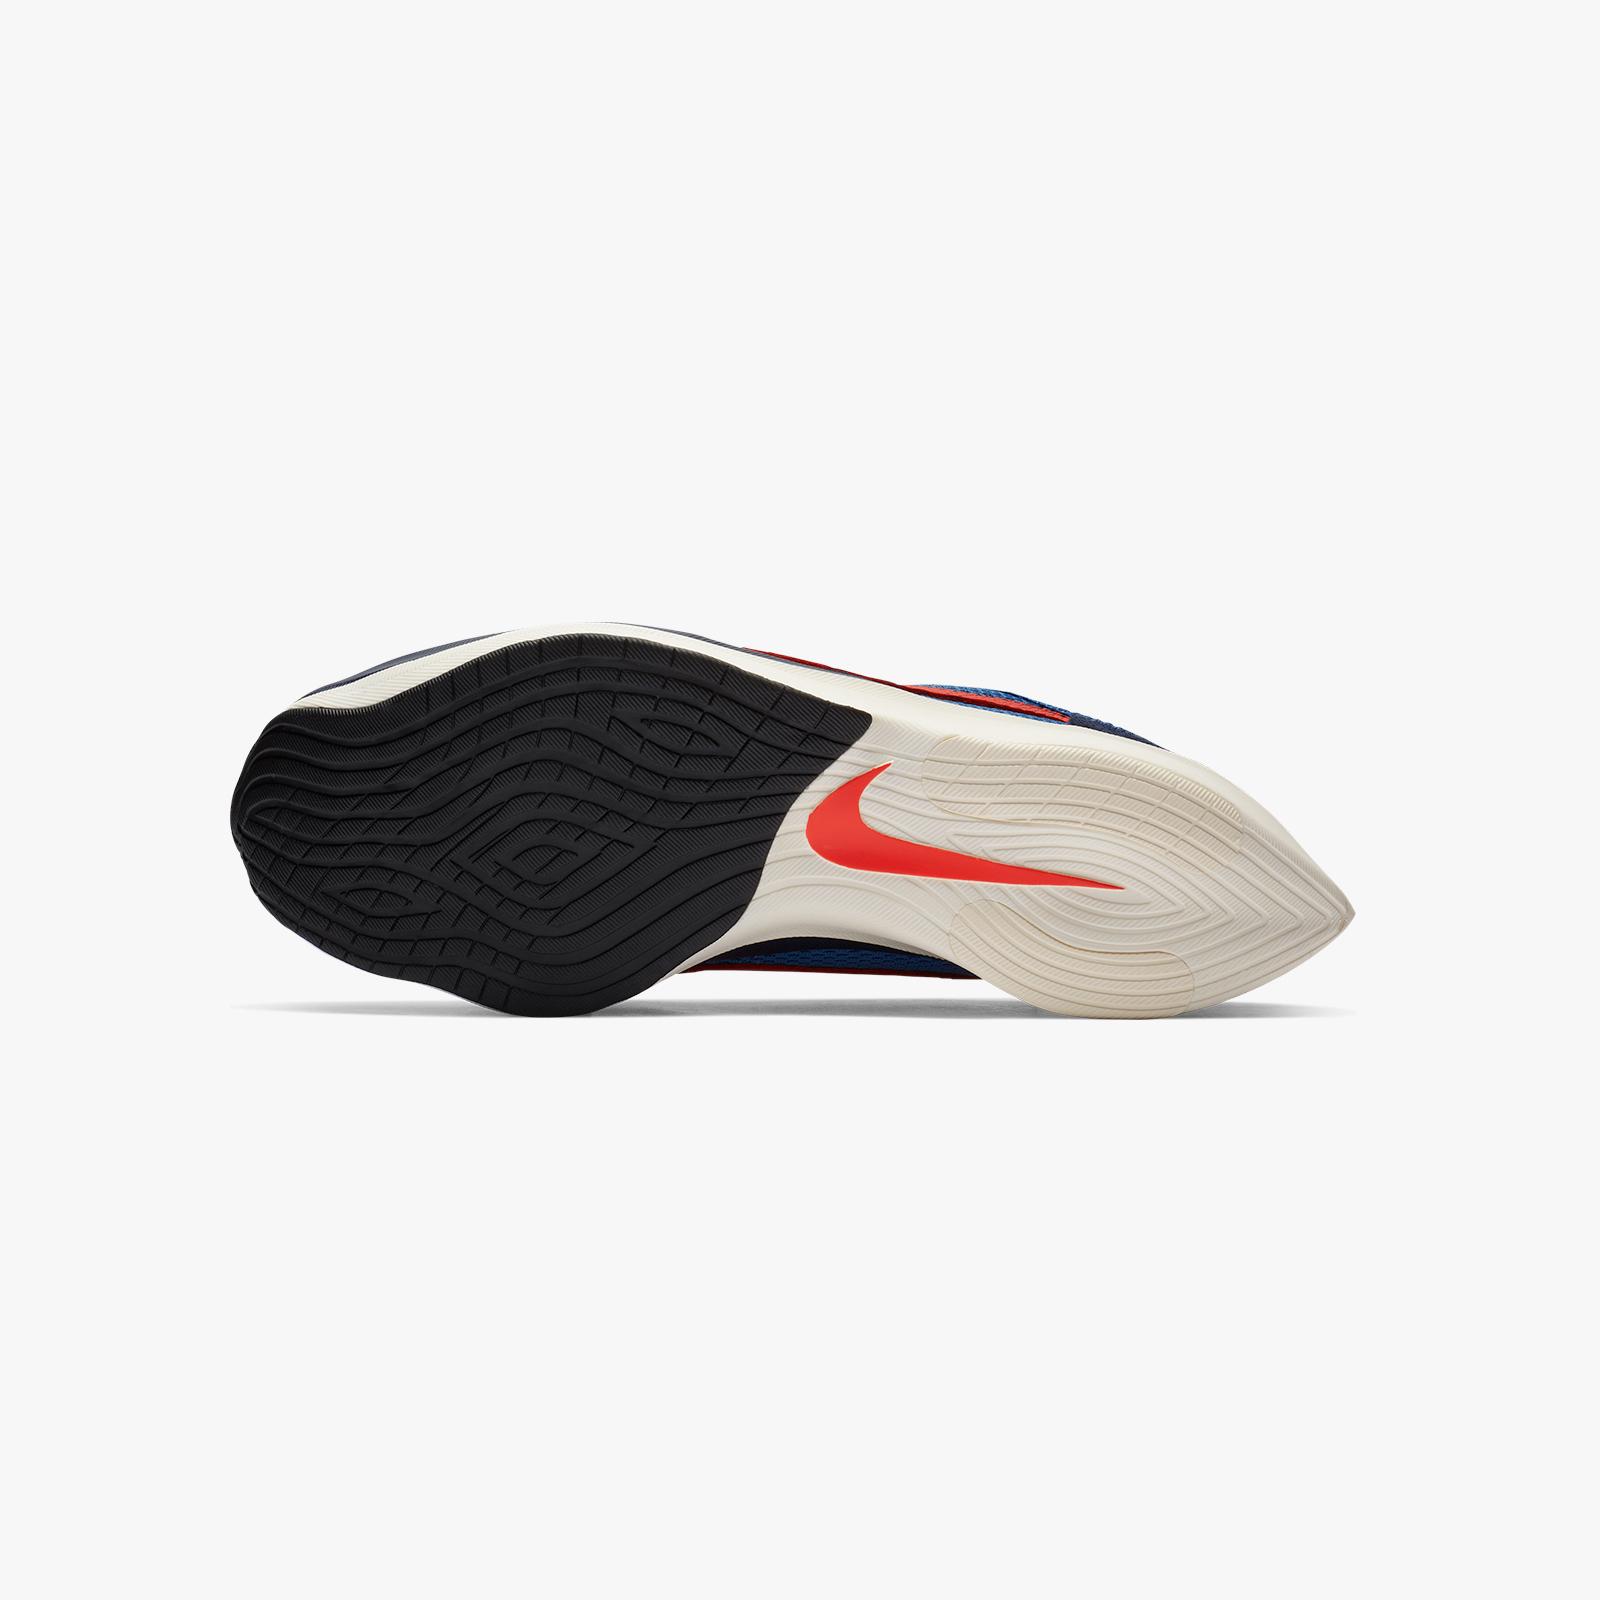 3bc452aaa Nike Moon Racer QS - Bv7779-400 - Sneakersnstuff | sneakers ...